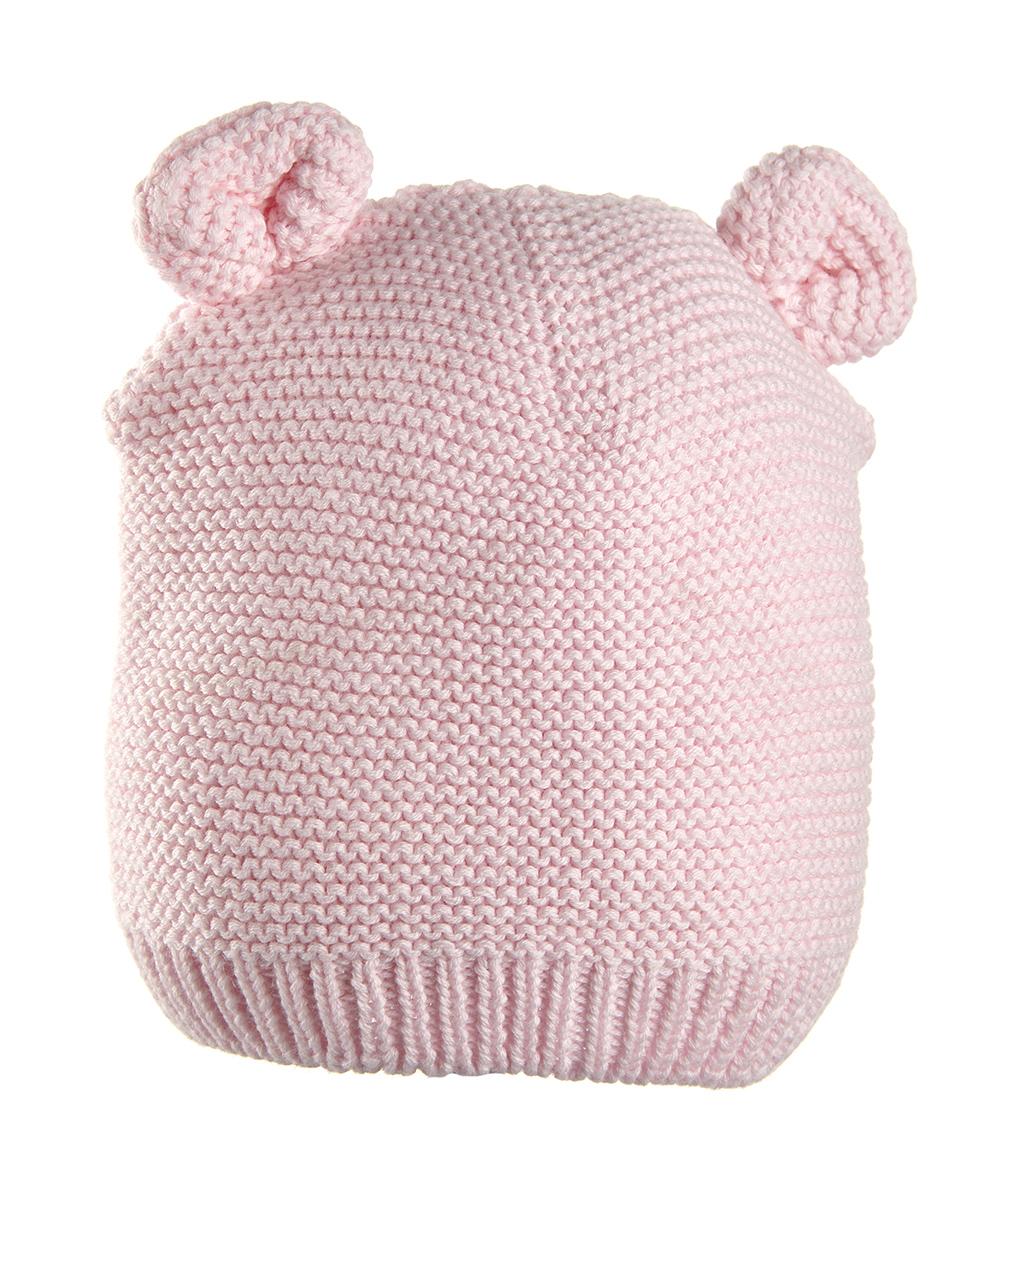 Cappello in tricot rosa con orecchie - Prénatal